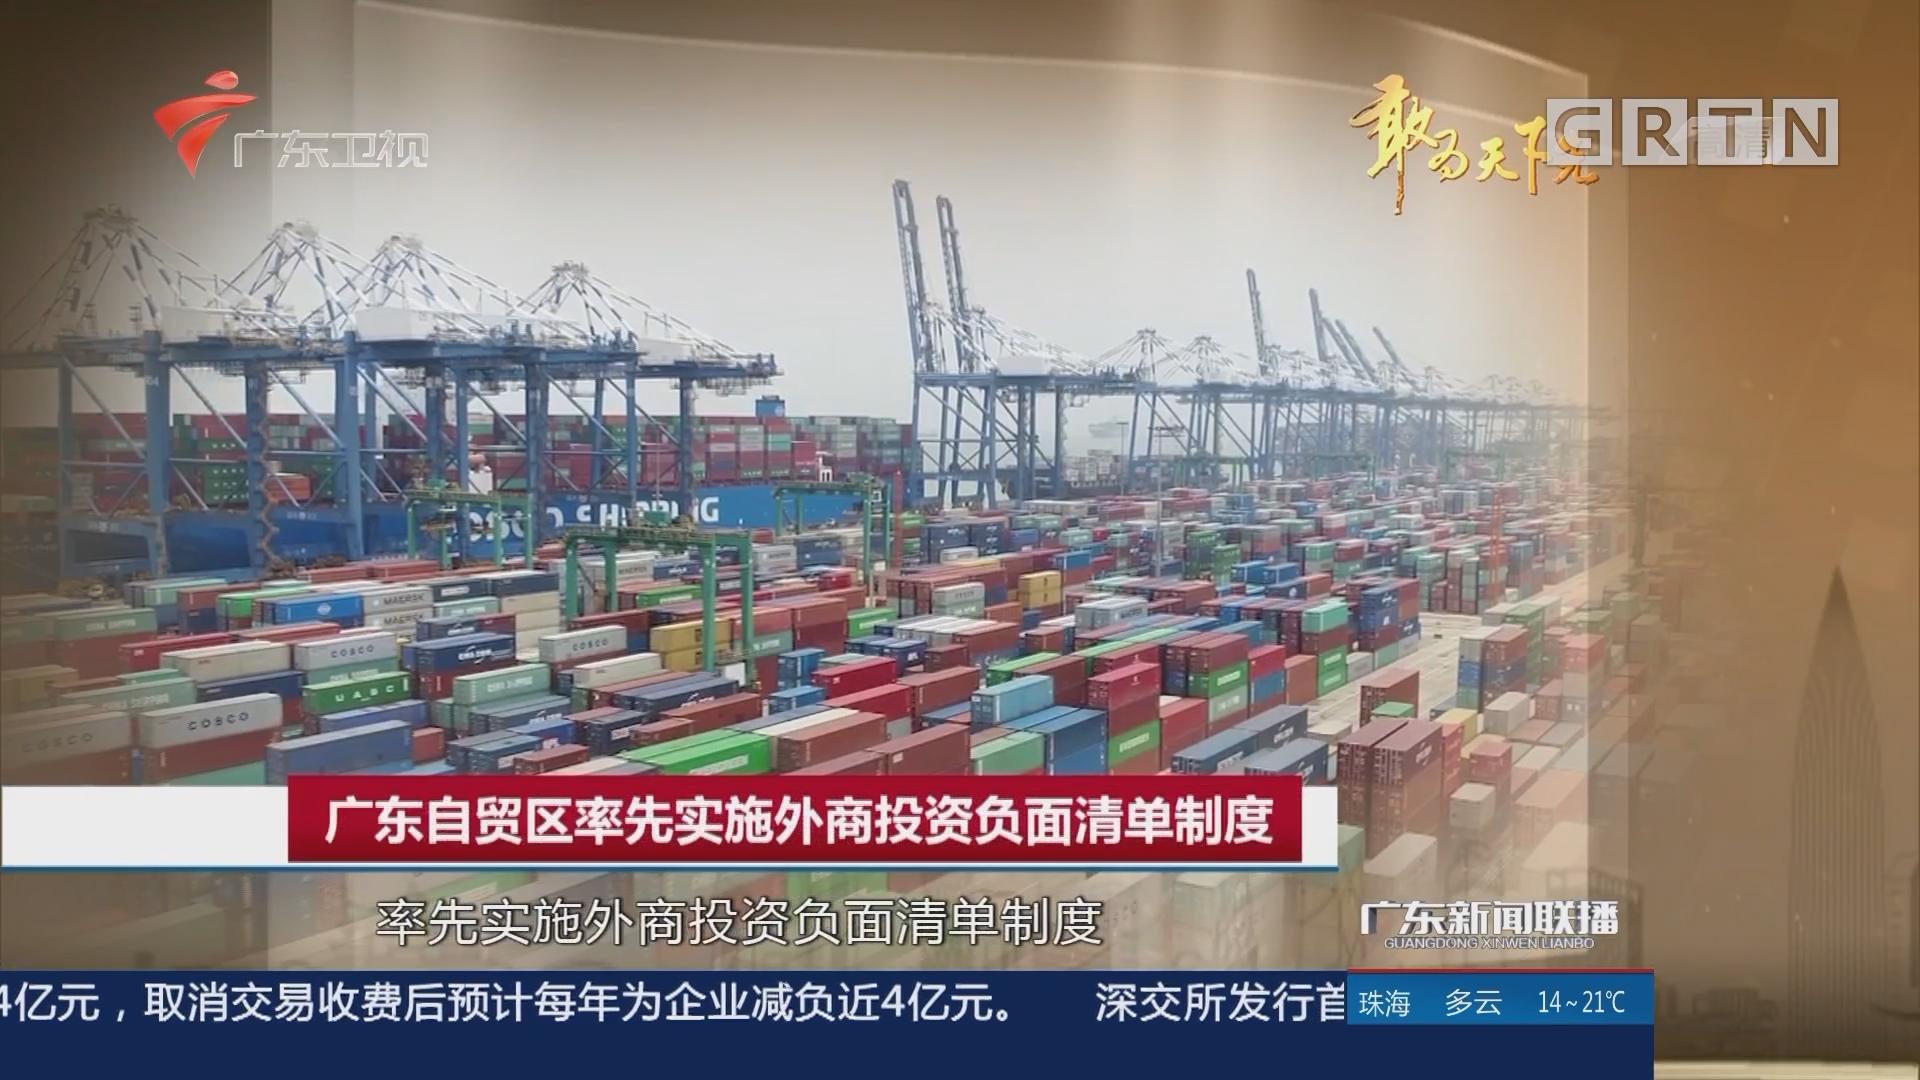 广东自贸区率先实施外商投资负面清单制度